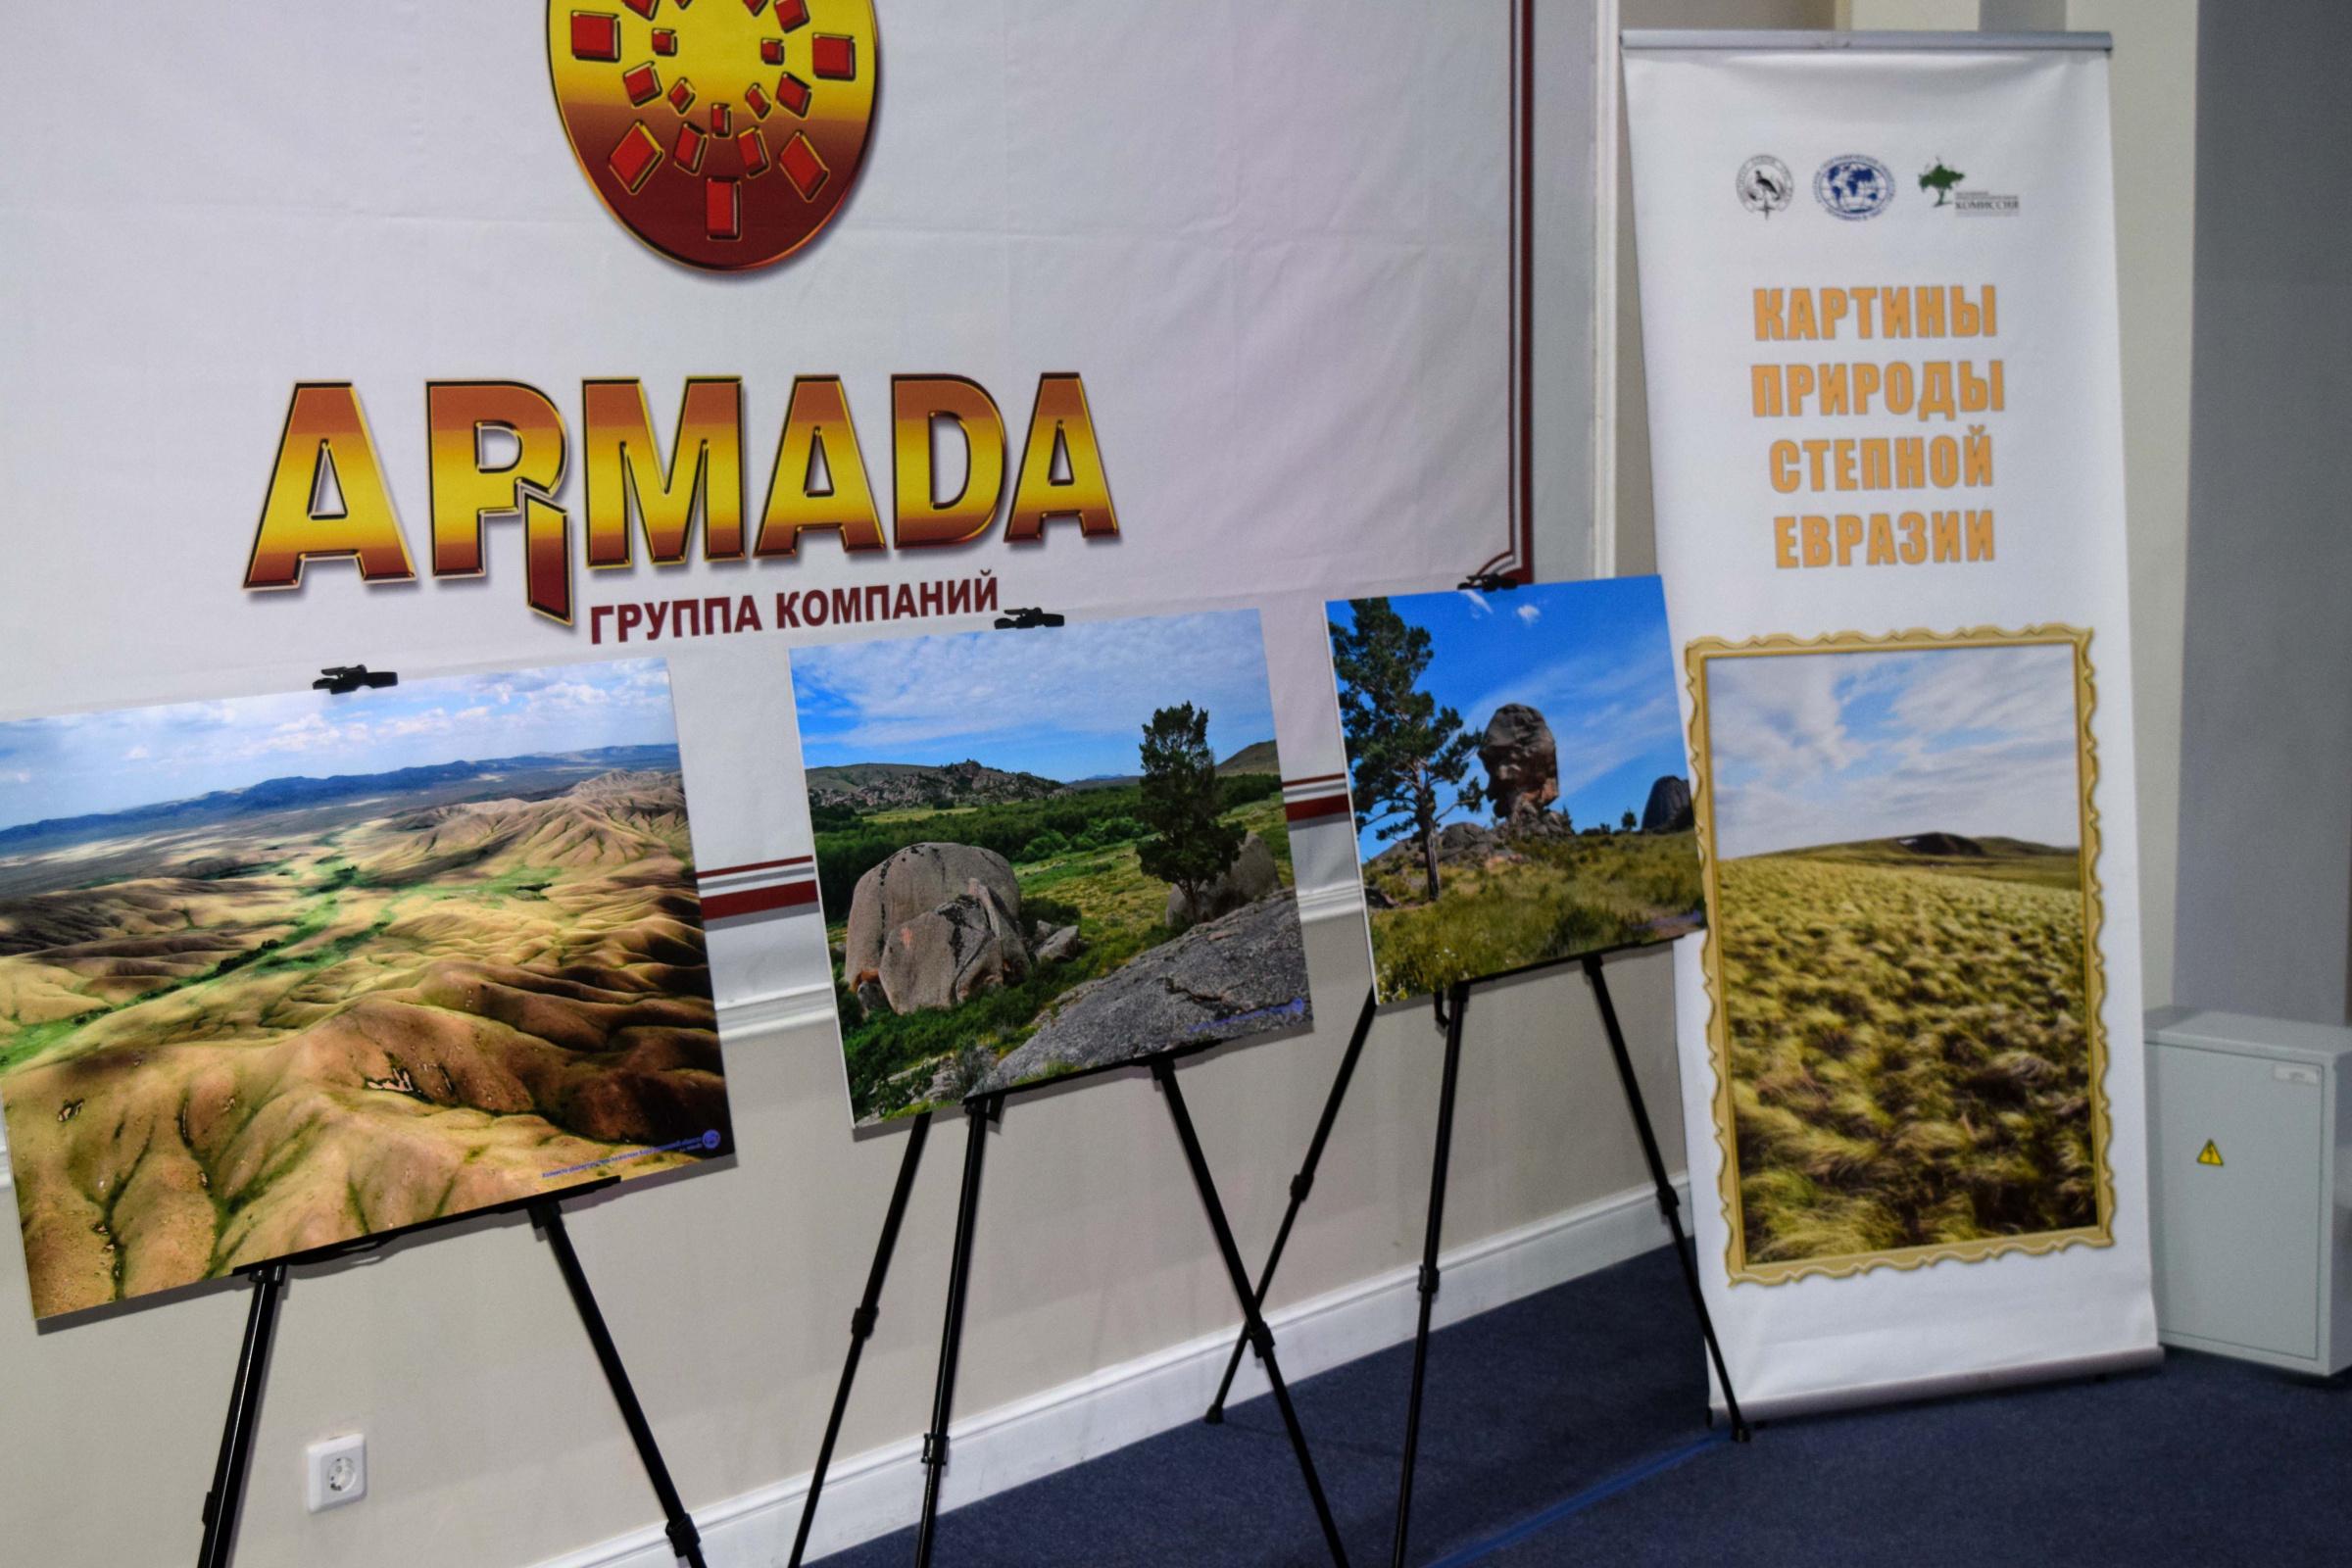 Пейзажи степей Евразии украсили конгресс-центр «Армада»